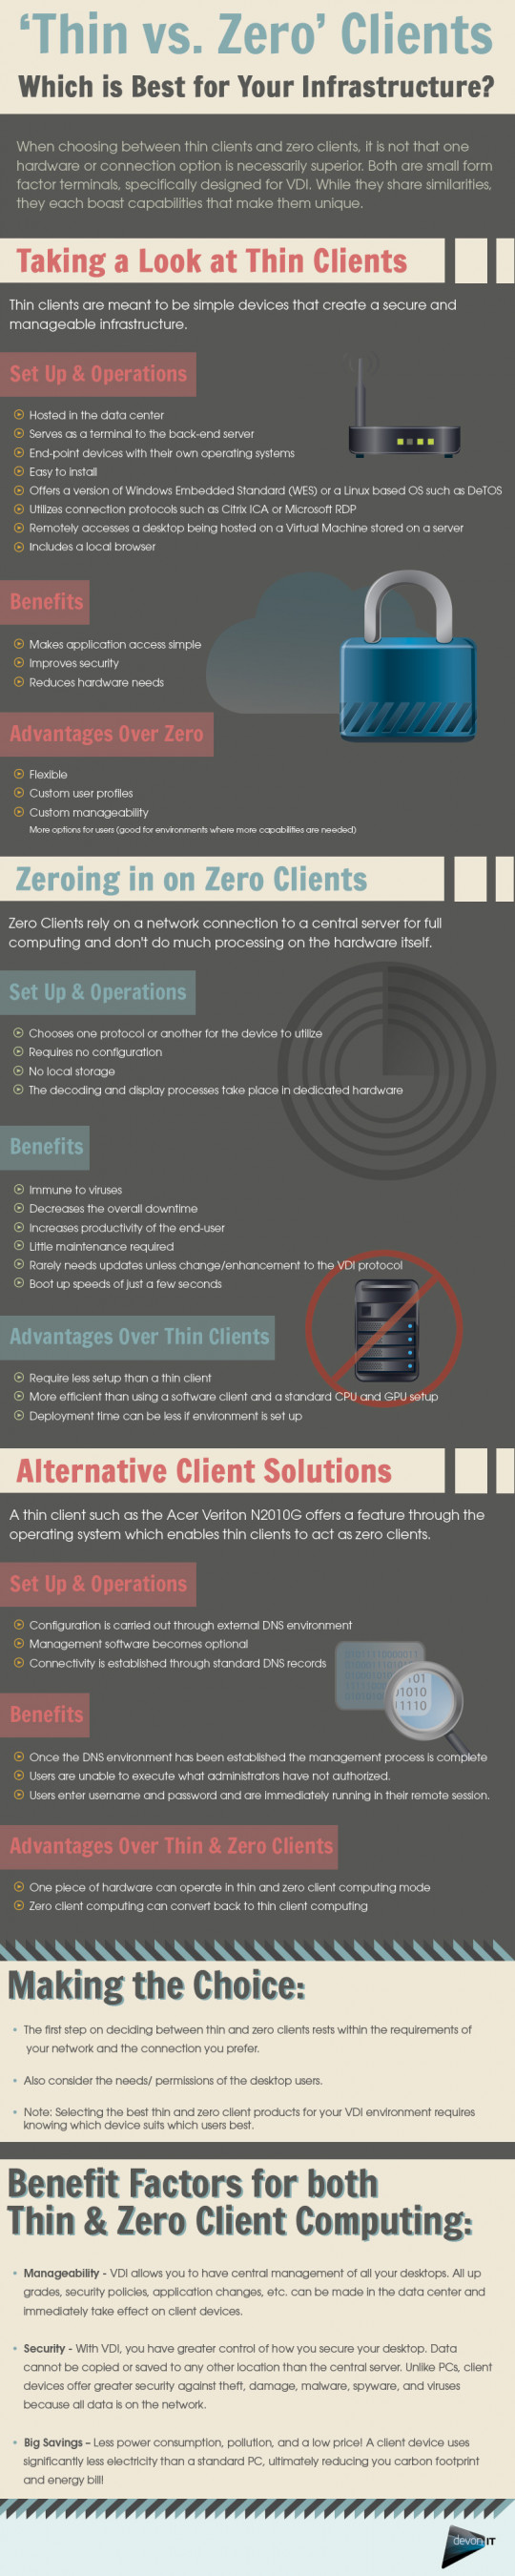 Thin Client vs. Zero Client